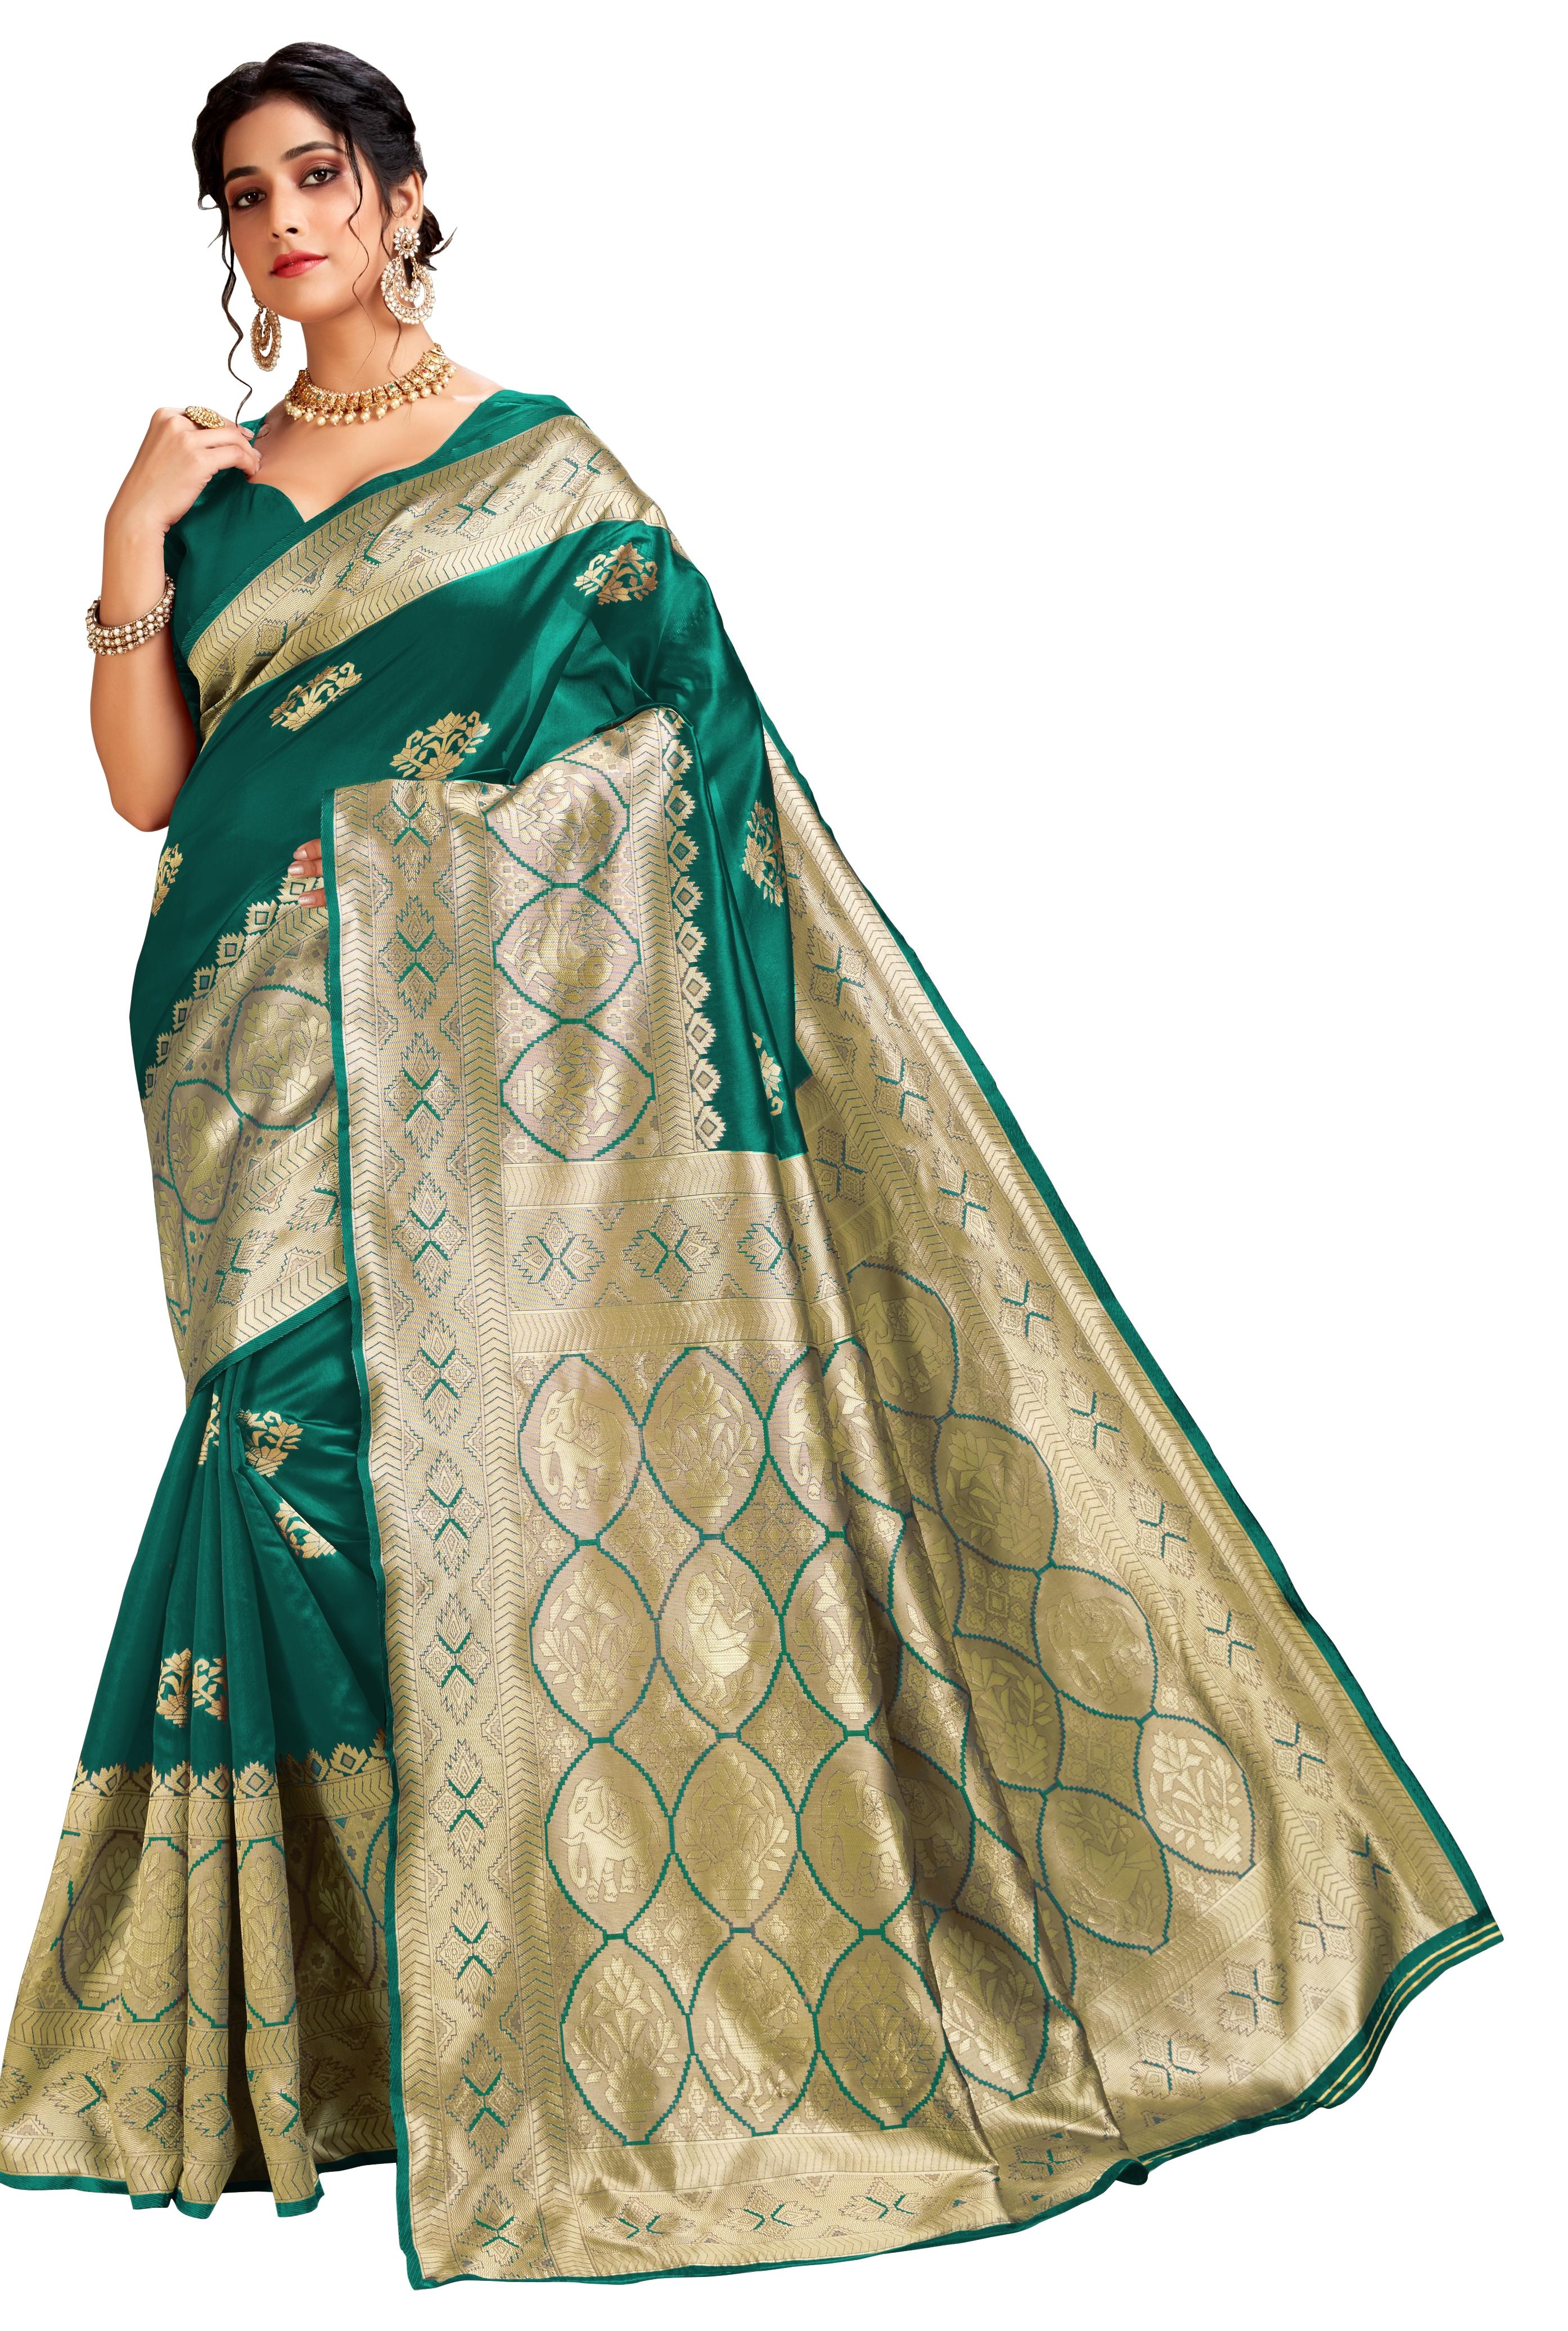 Glemora | Glemora Green Lichi Cotton Ekaya Saree With Unstitched Blouse